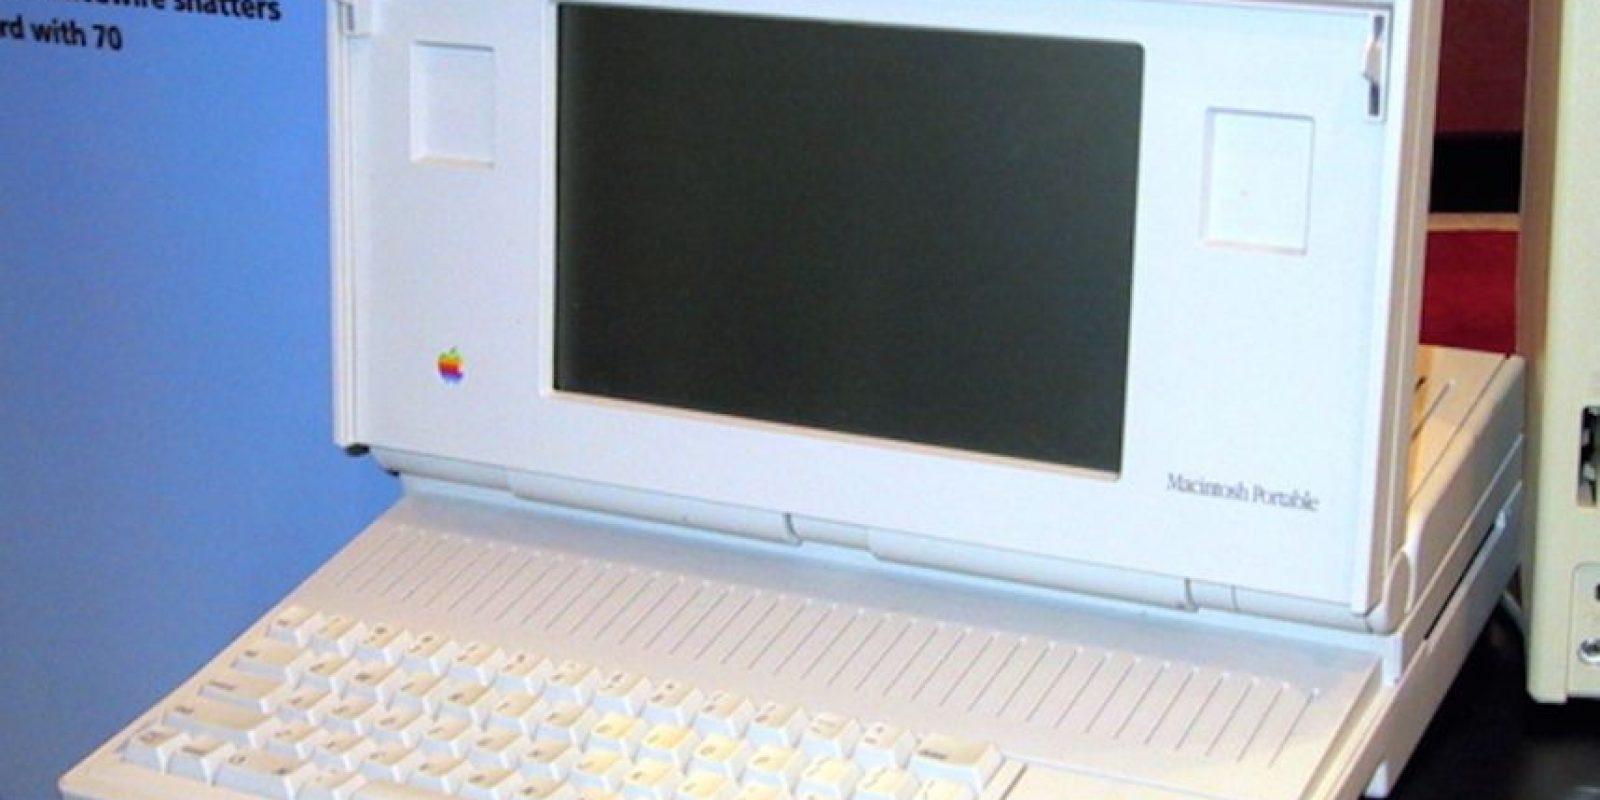 Así lucía la Macintosh Portable, cuya peor pesadilla fue el enorme y nada portable diseño, aunque su nombre diga lo contrario. Foto:Vía commons.wikimedia.org